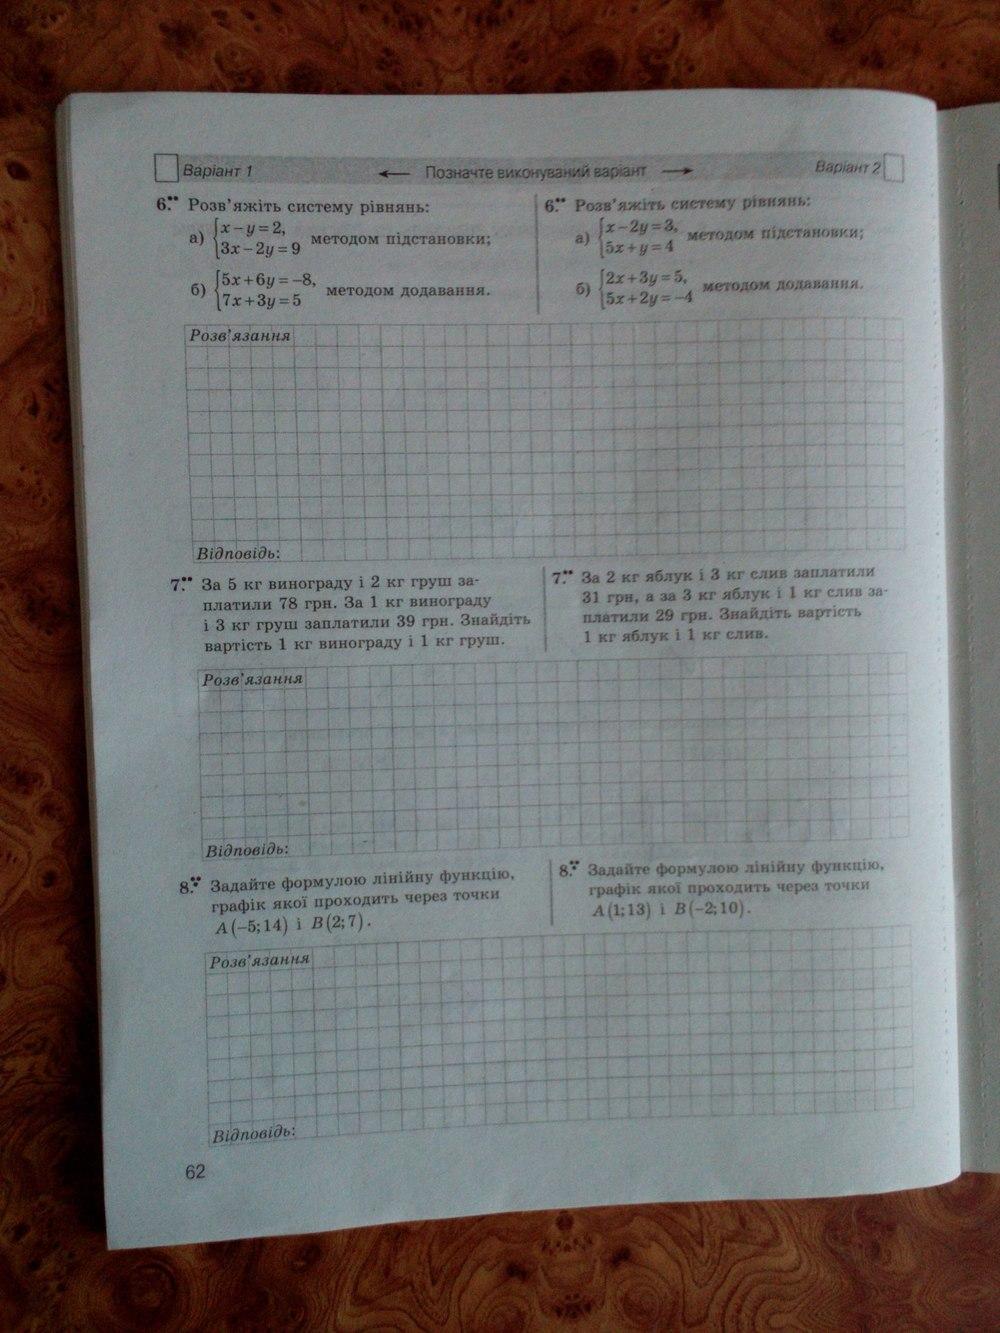 ГДЗ відповіді робочий зошит по алгебре 7 класс Стадник Л.Г., Роганін О.М.. Задание: стр. 62